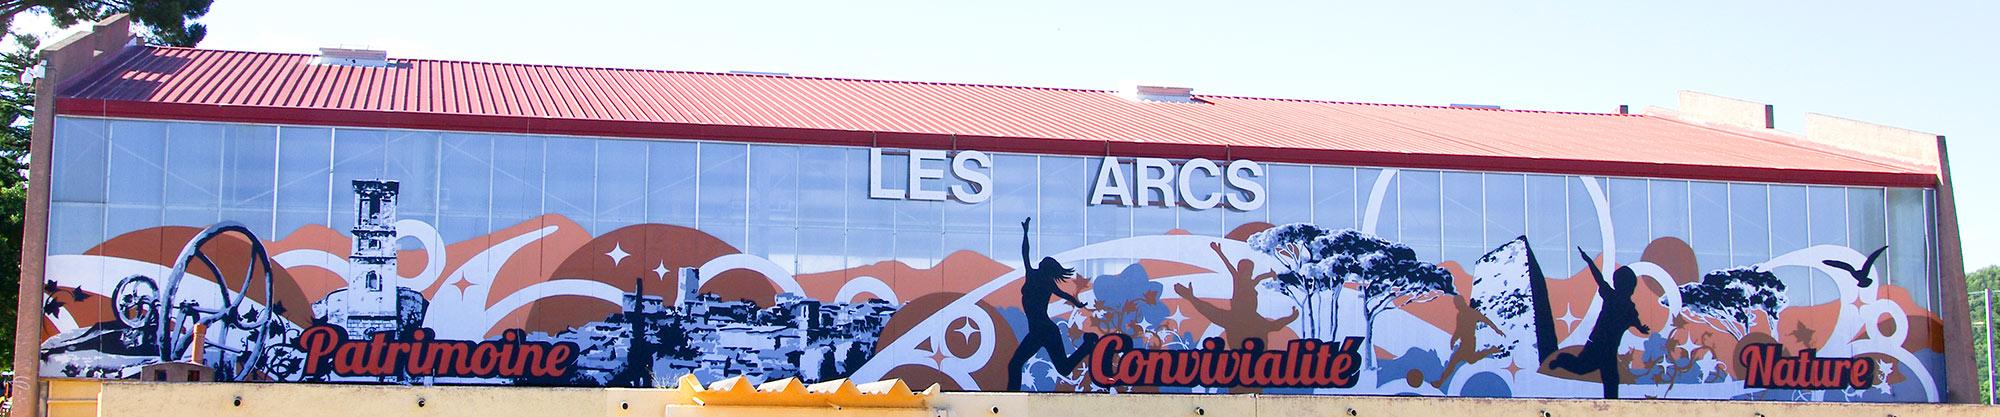 Fresques géantes communicantes Var